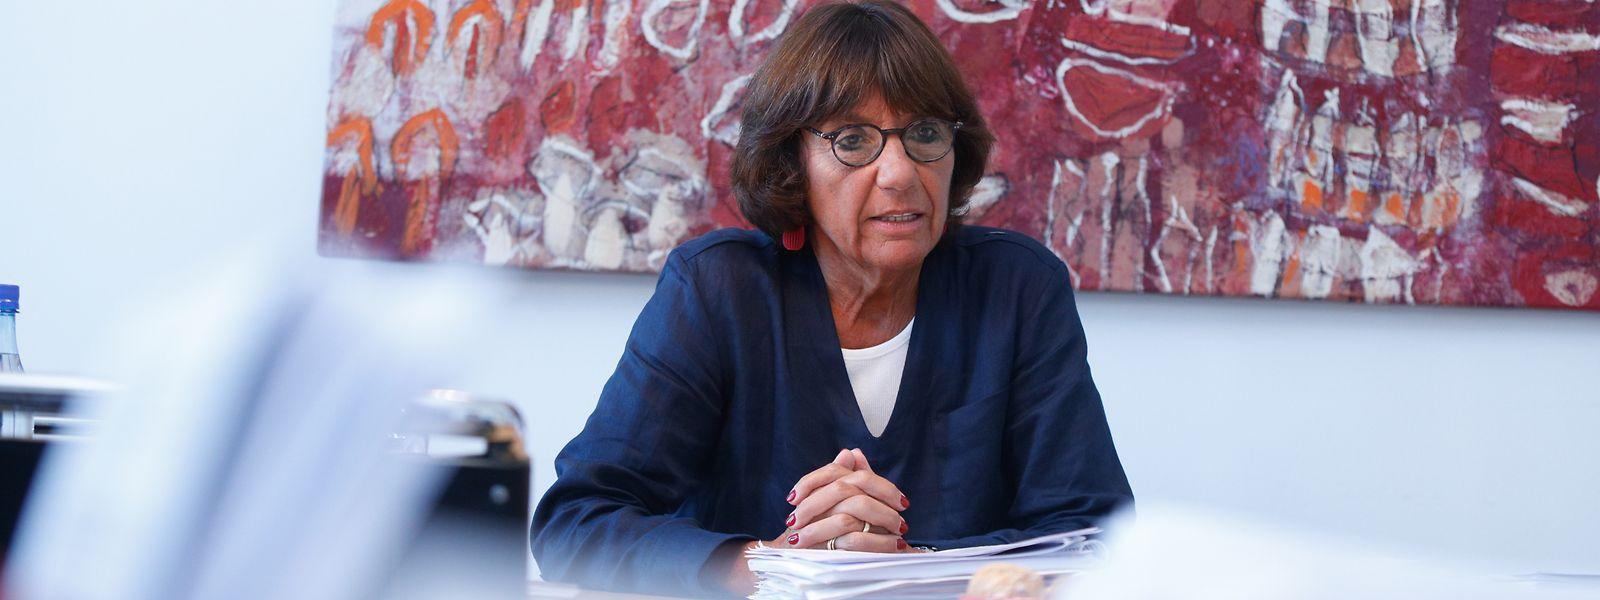 Generalstaatsanwältin Martine Solovieff kritisiert das Verfassungskapitel zur Justiz, weil die Unabhängigkeit der Staatsanwaltschaften dem Rotstift zum Opfer gefallen ist.